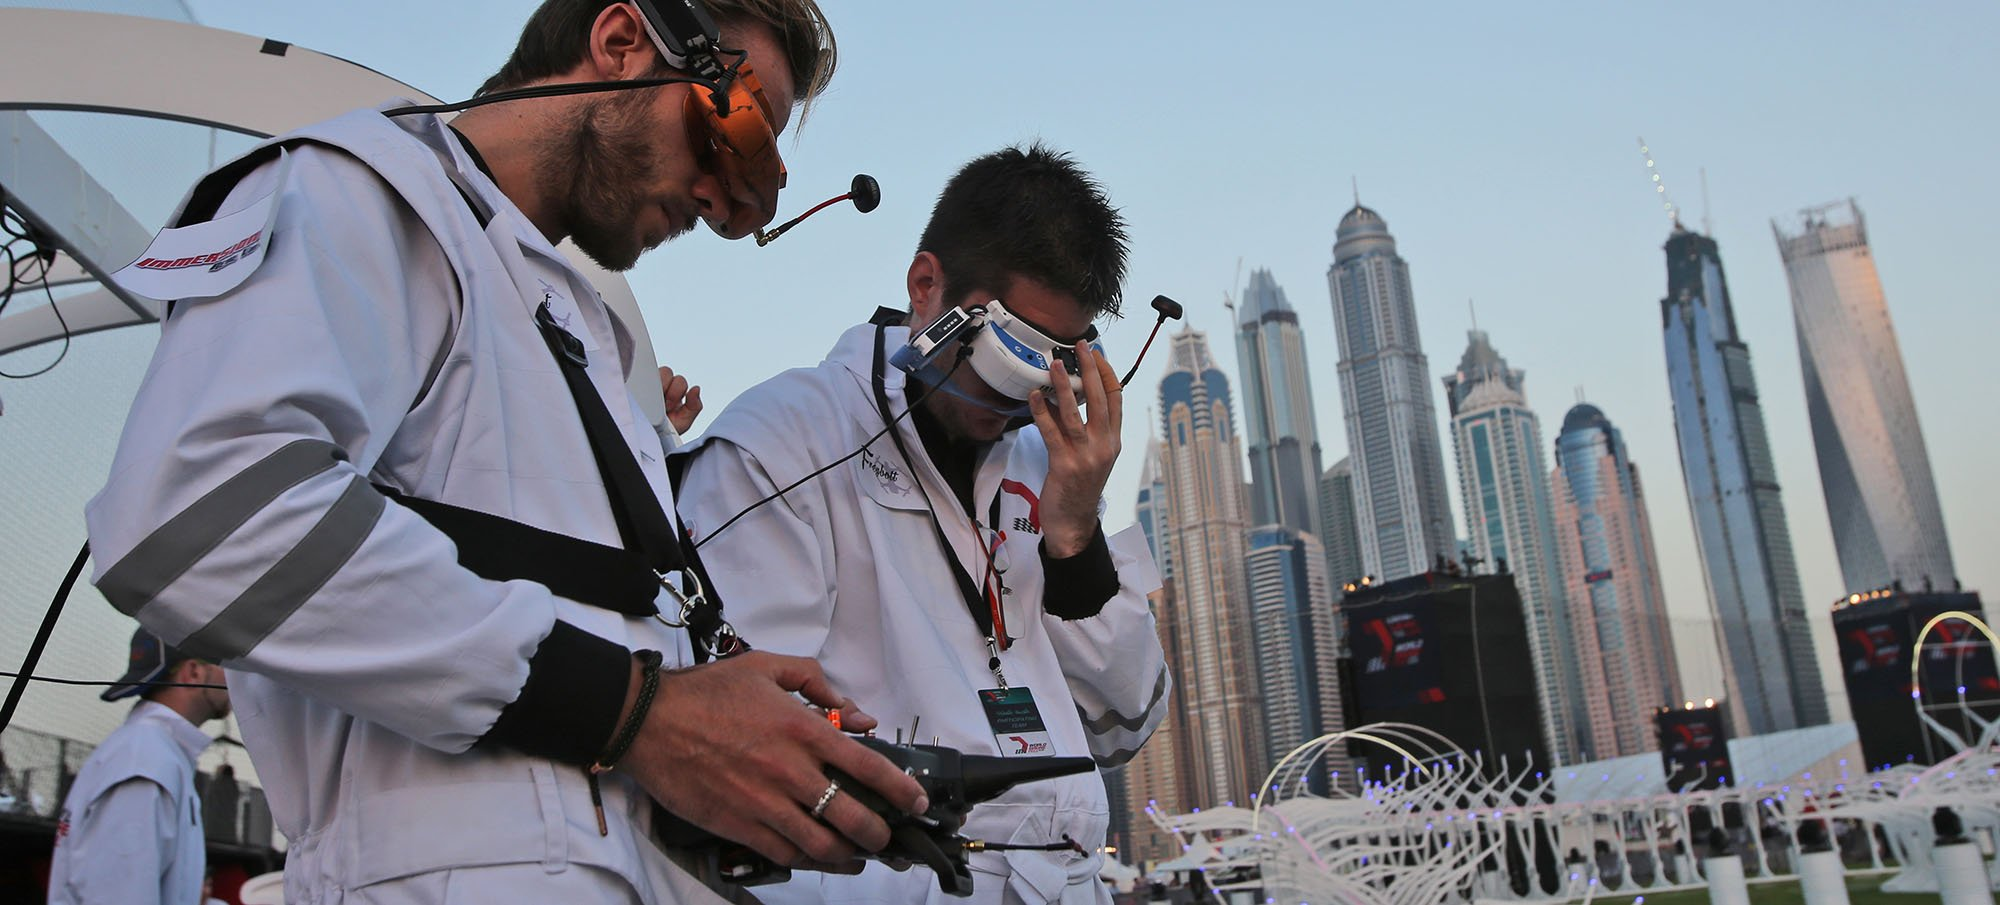 World Drone Prix гонки на дронах чемпионат 250 тысяч долларов школьник технологии дроны новости отвратительные мужики